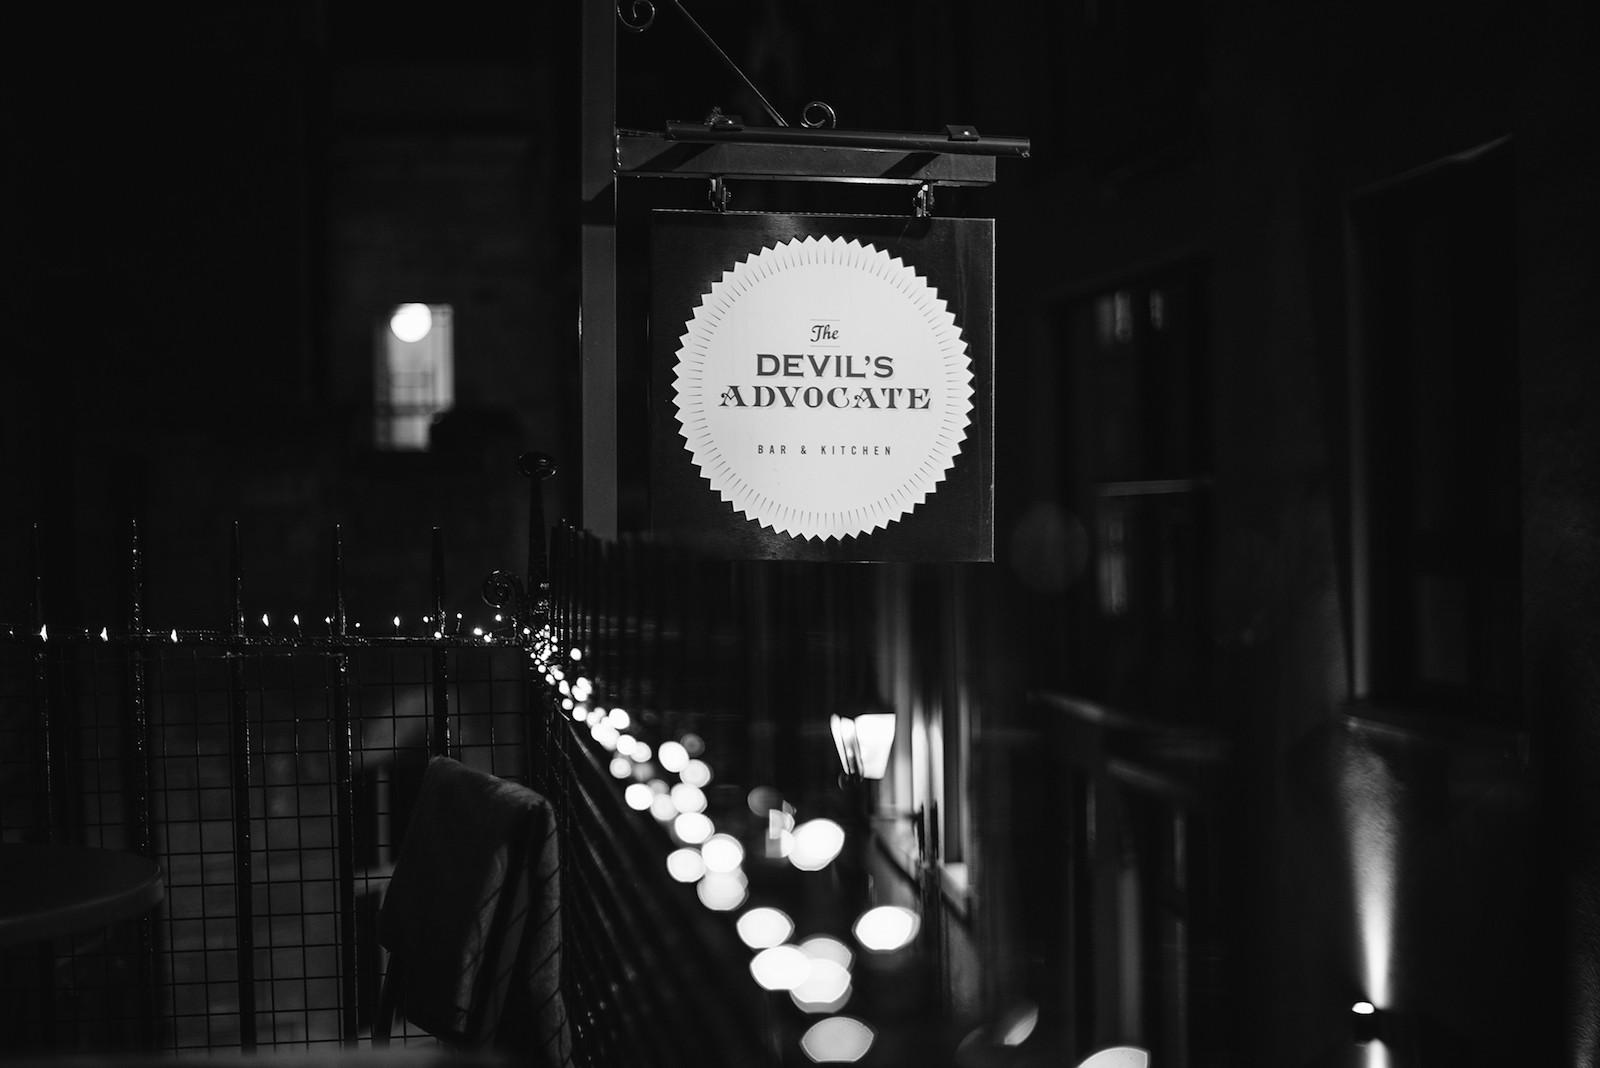 The Devil's Advocate - The Devil's Advocate - Bar & Kitchen